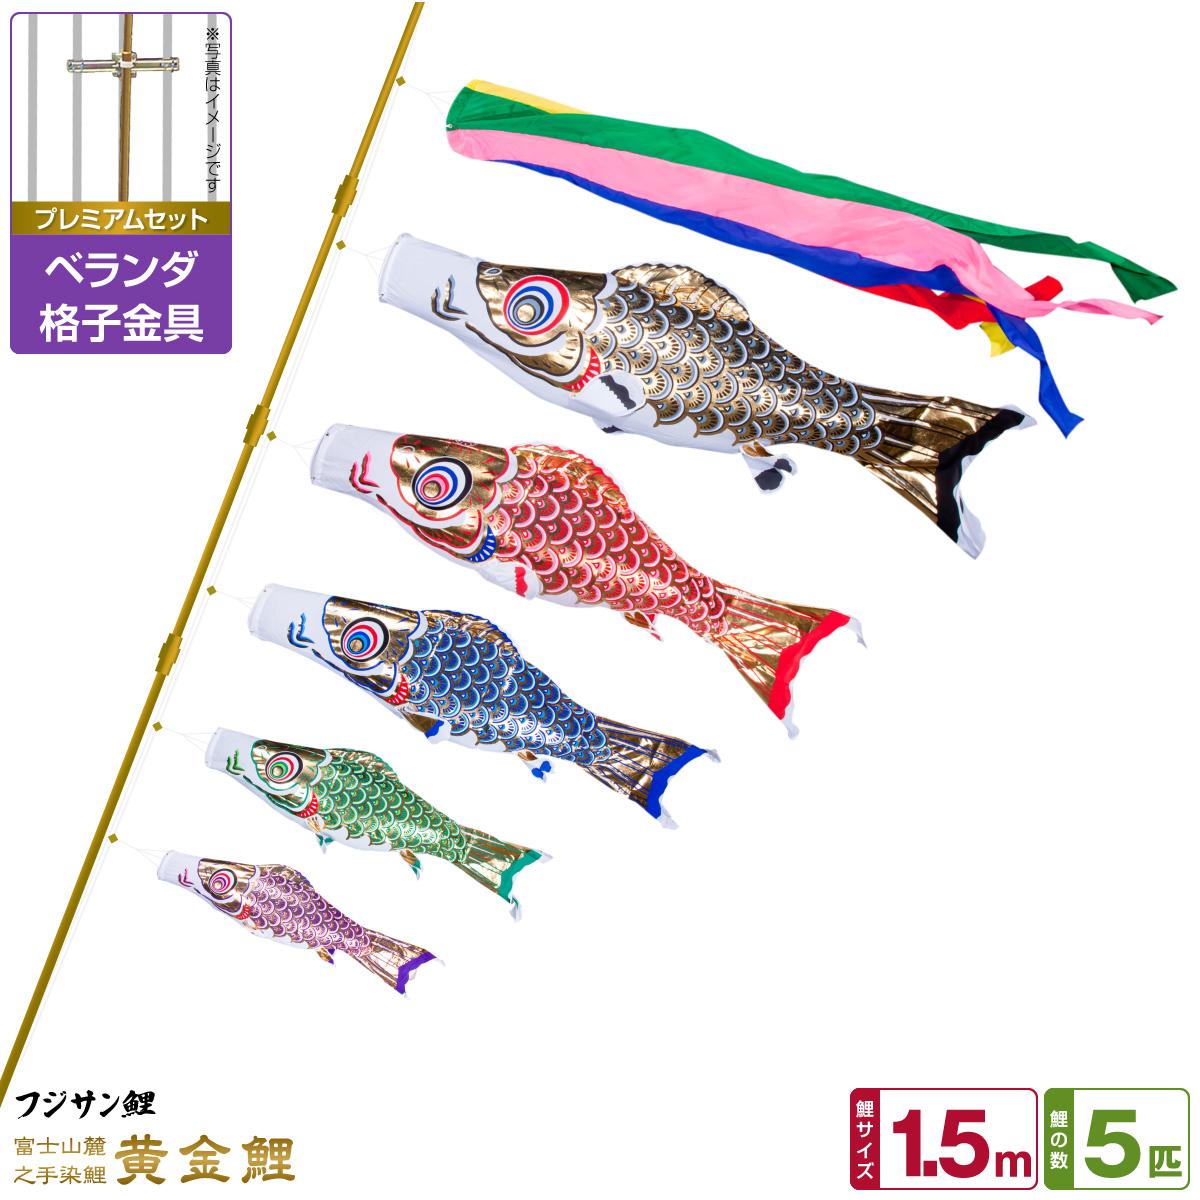 ベランダ用 こいのぼり 鯉のぼり フジサン鯉 黄金鯉 1.5m 8点(吹流し+鯉5匹+矢車+ロープ)/プレミアムセット(格子金具)